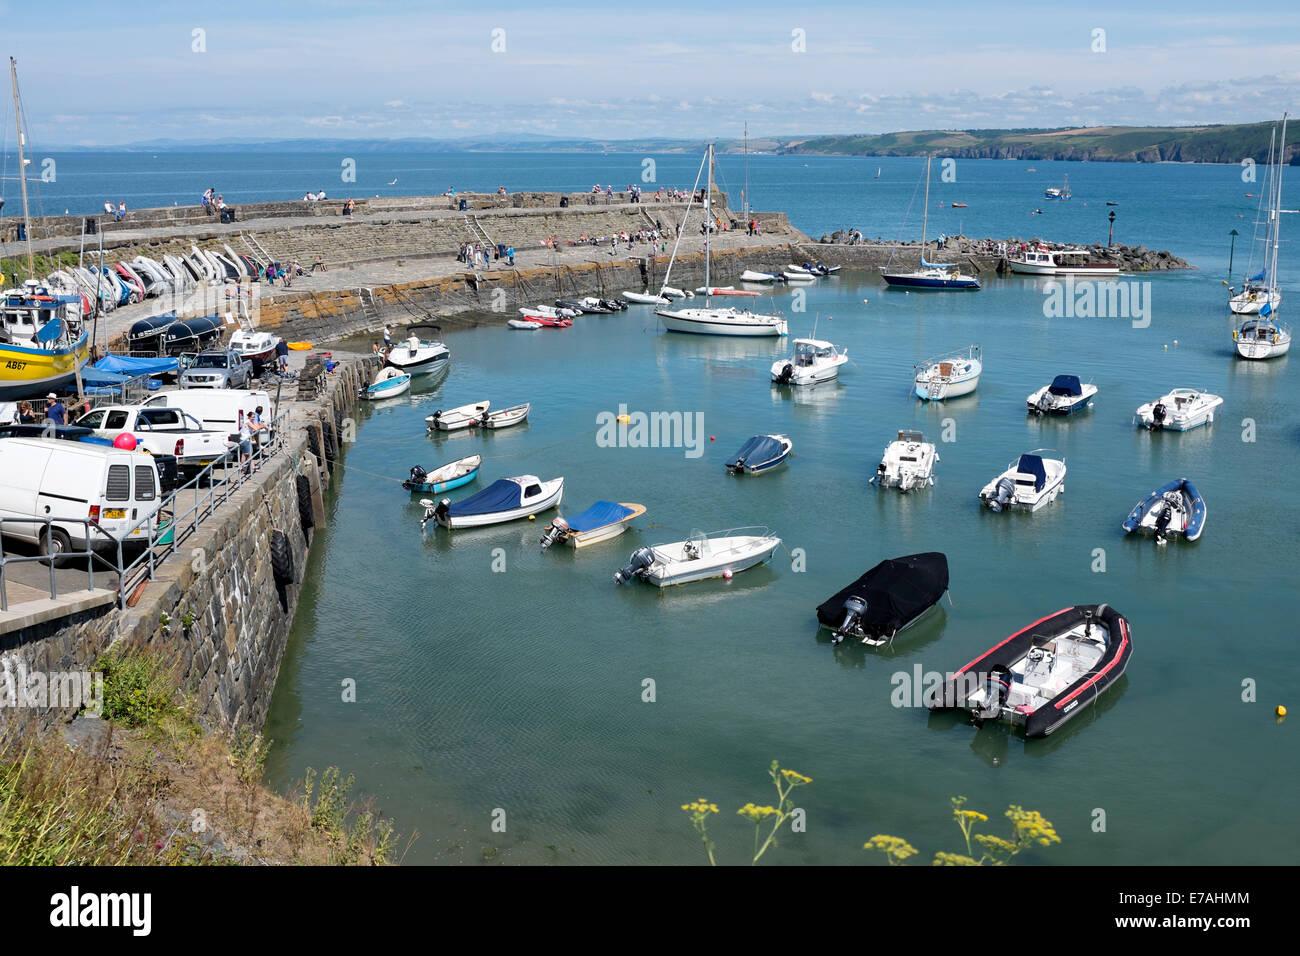 Bateaux amarrés dans l'eau d'un bleu profond Sunny New Quay Galles Photo Stock